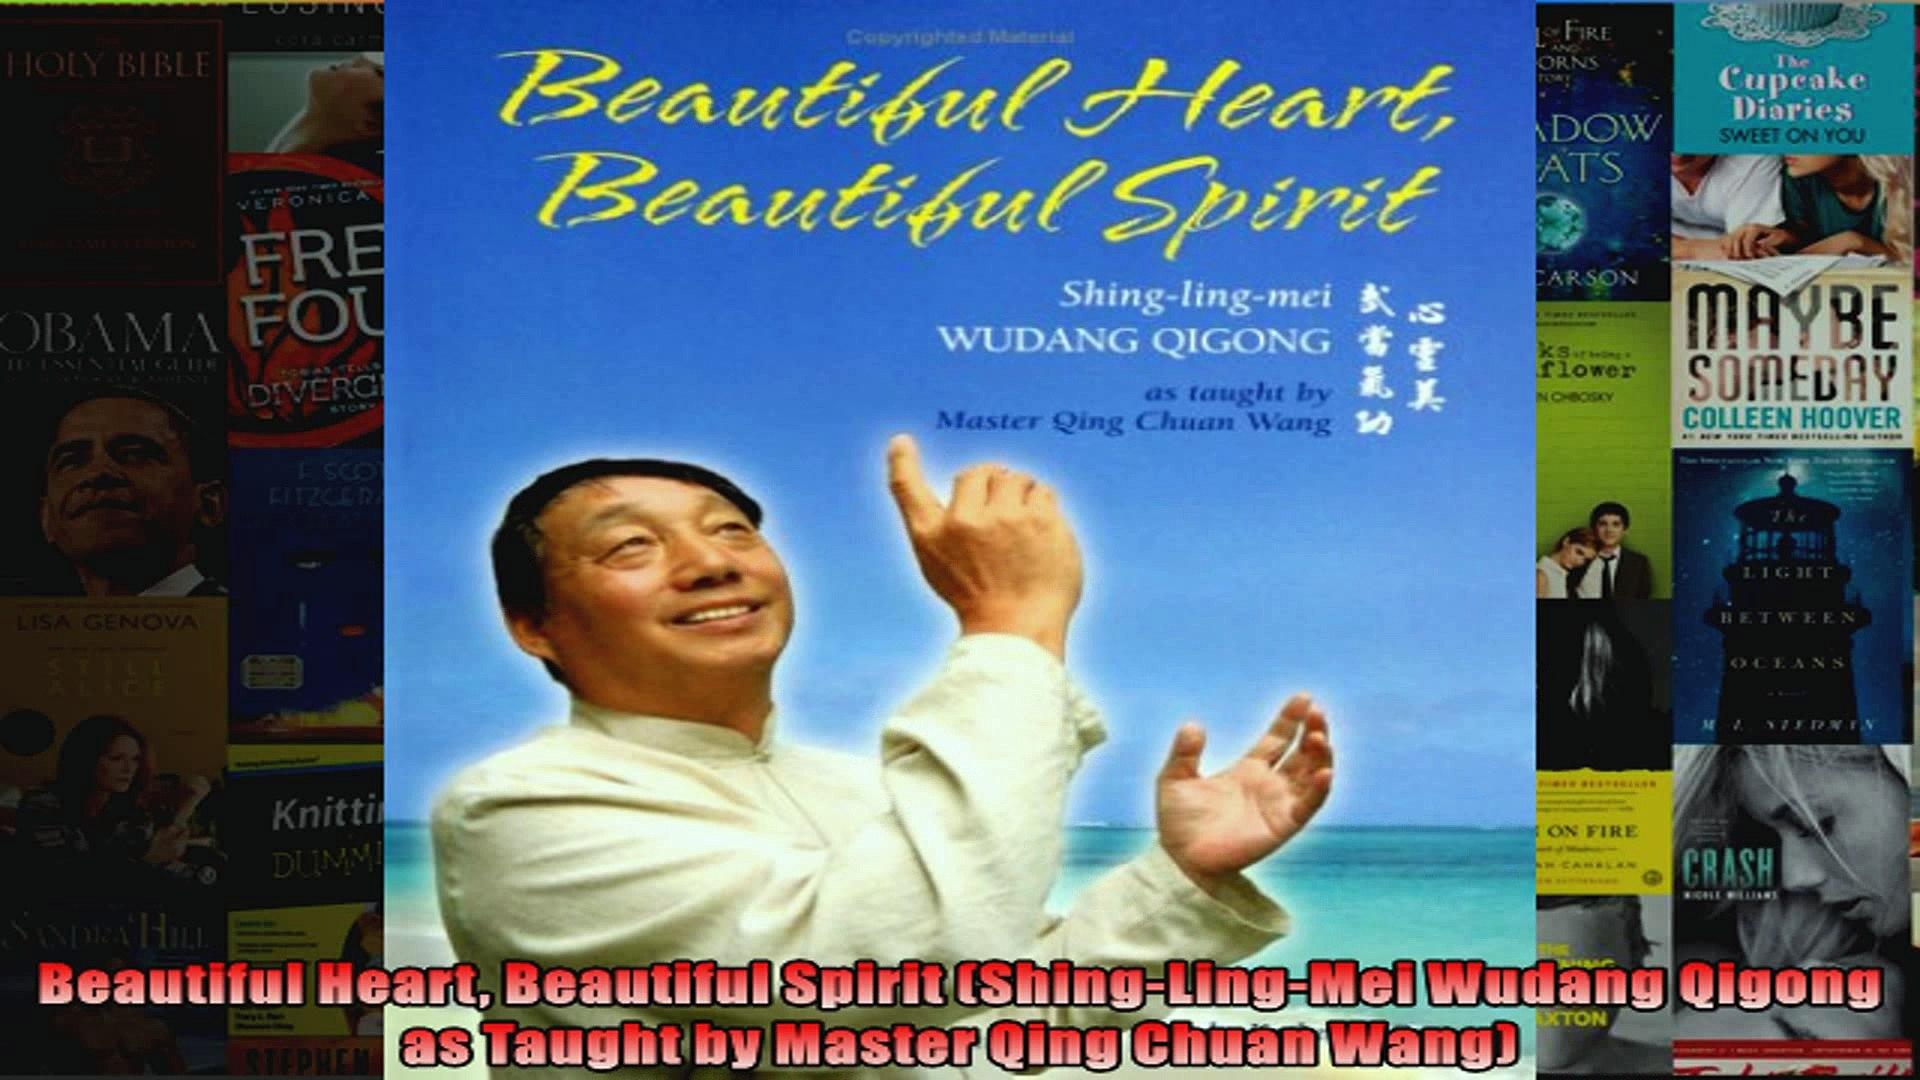 Download  Beautiful Heart Beautiful Spirit ShingLingMei Wudang Qigong as Taught by Master Qing Full